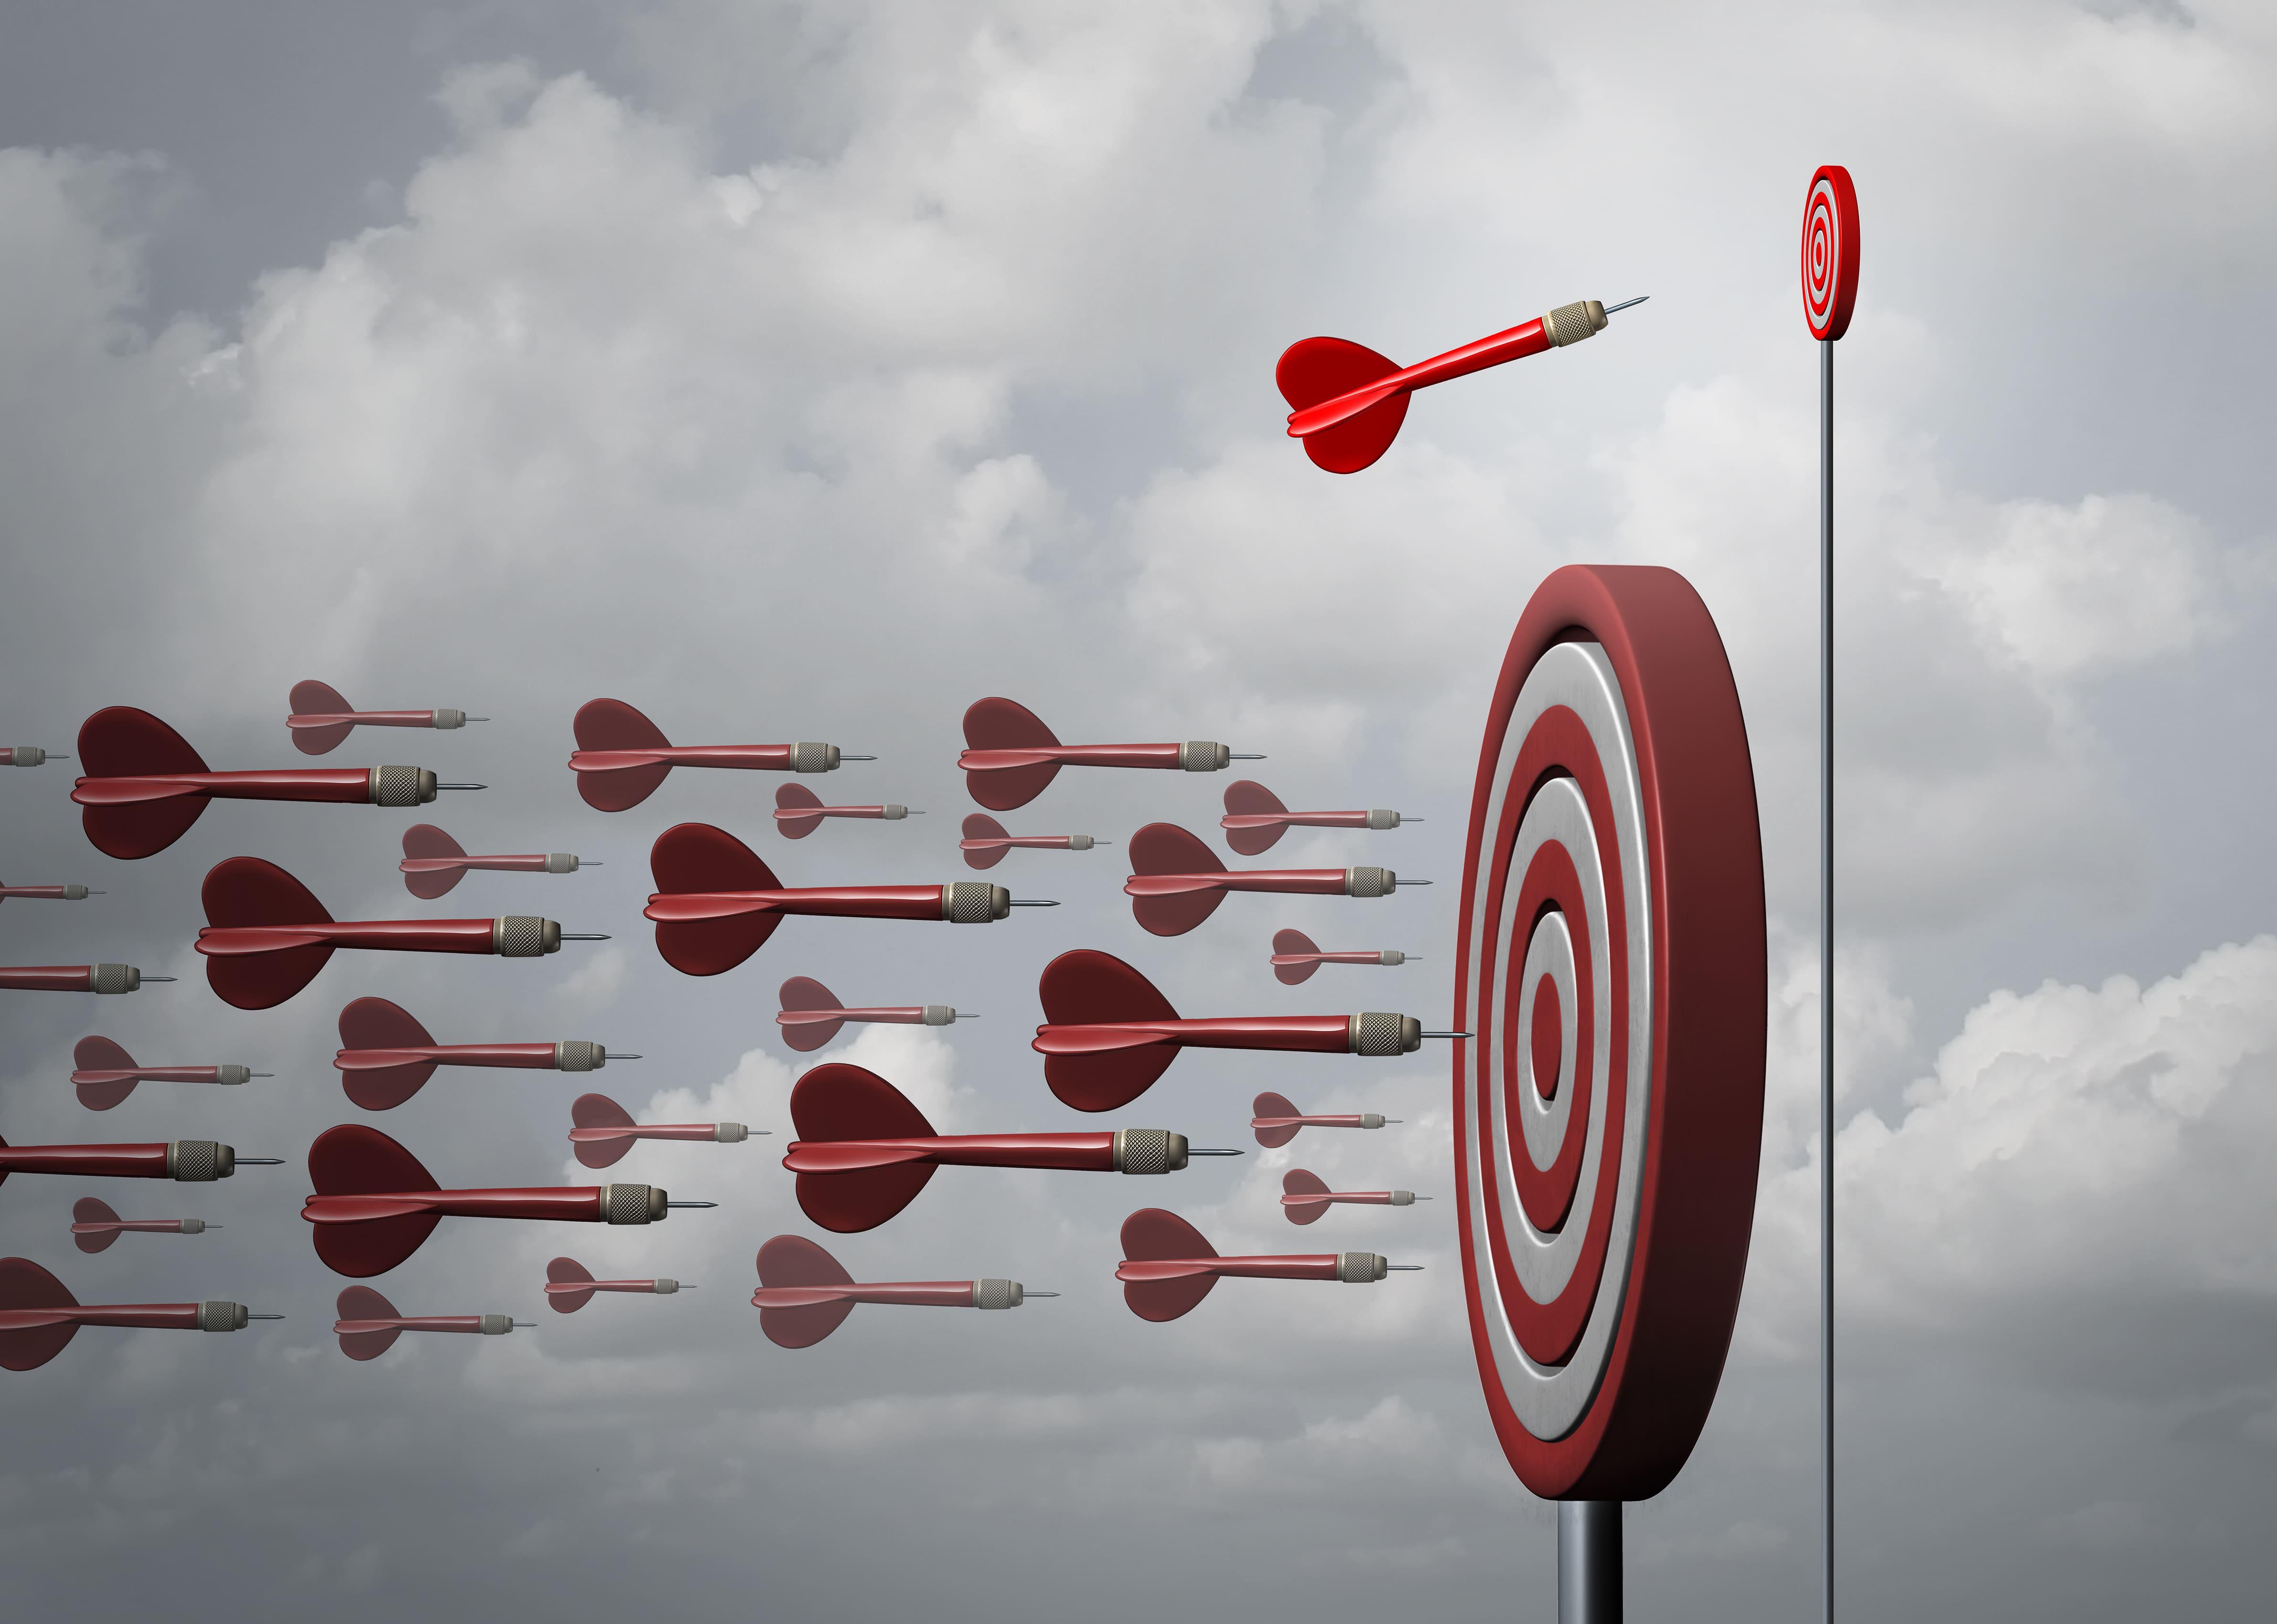 Imagem de um alvo sendo acertado de todos os lado e logo acima um sendo acertado só por um, representando o nicho de mercado